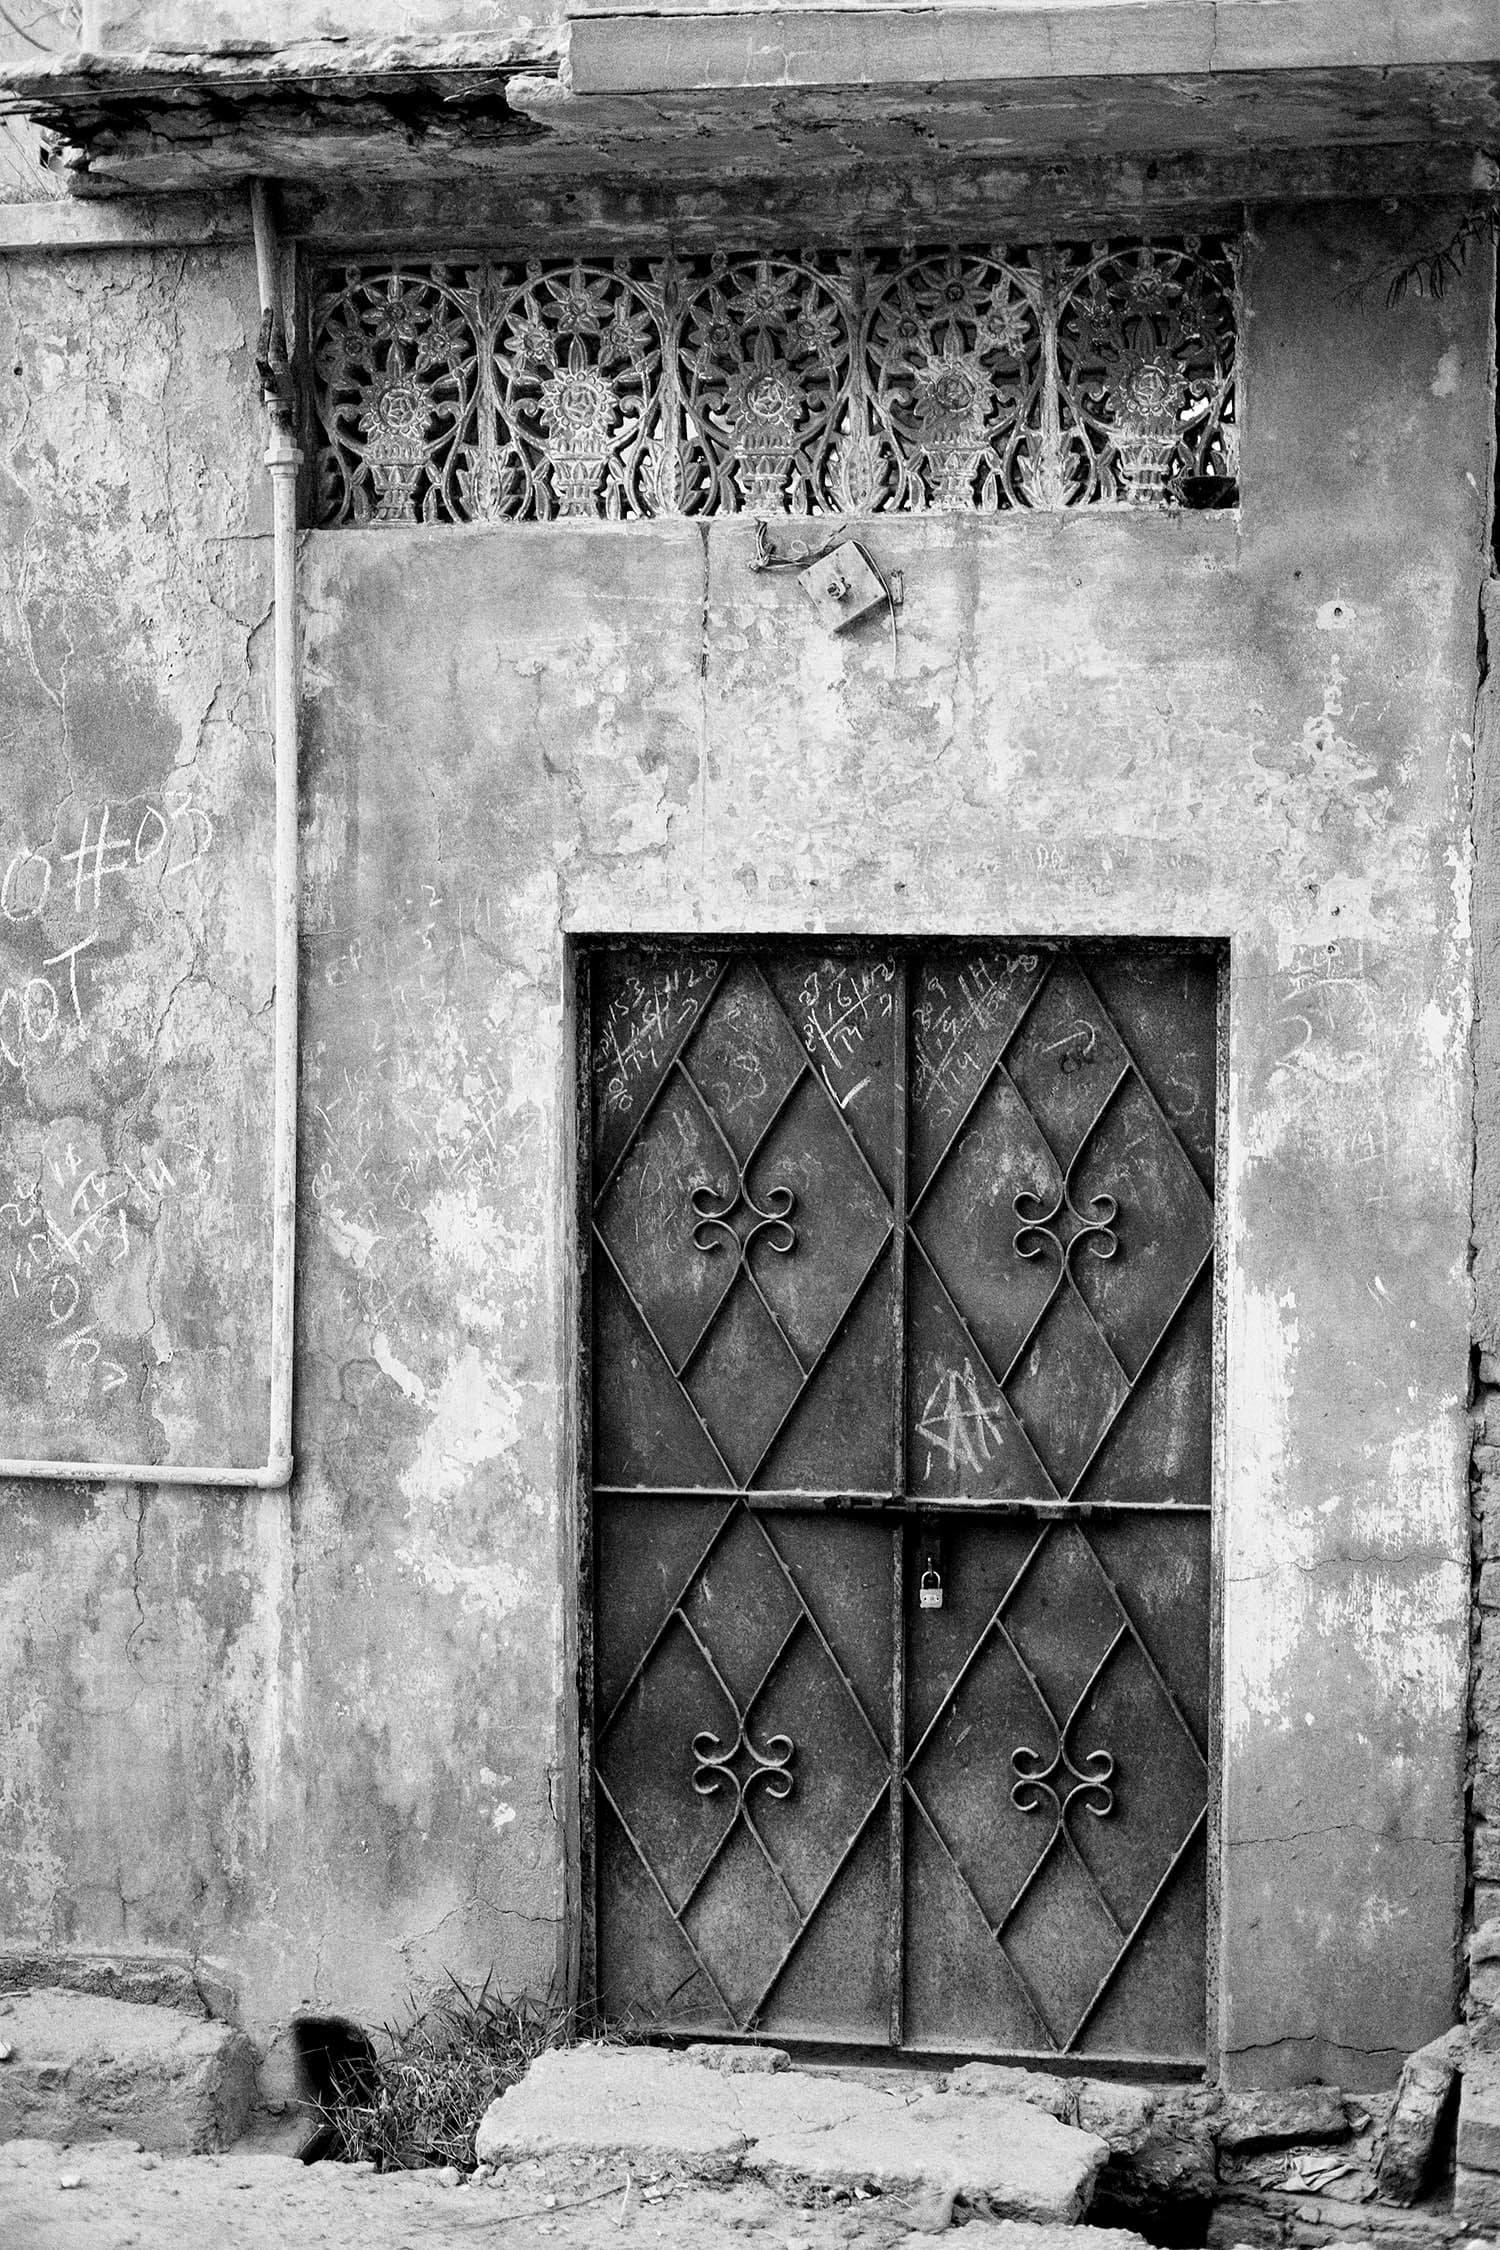 Interesting design elements in the doorway.